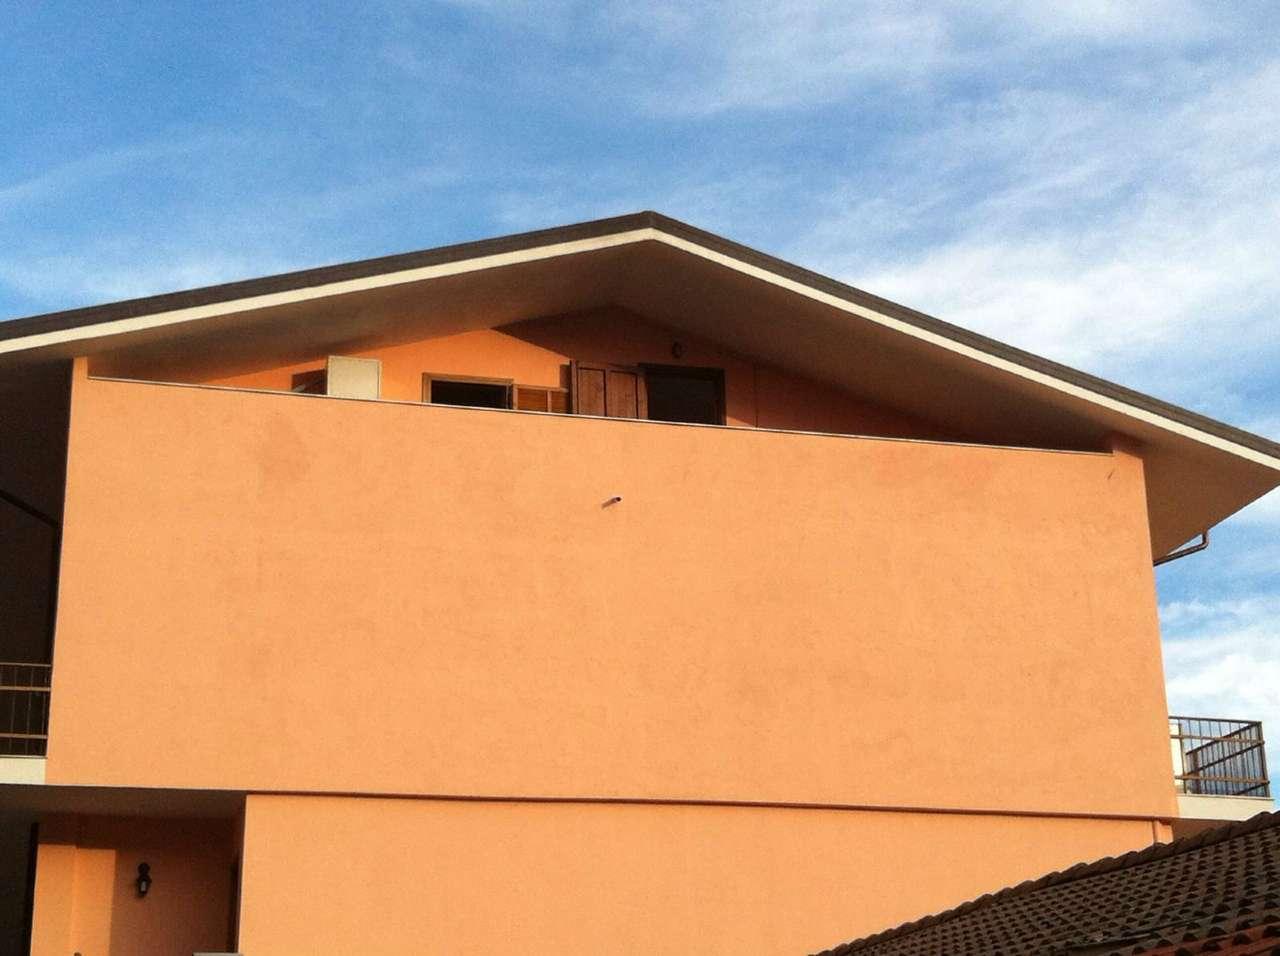 Appartamento in vendita a Ceres, 4 locali, prezzo € 65.000 | CambioCasa.it